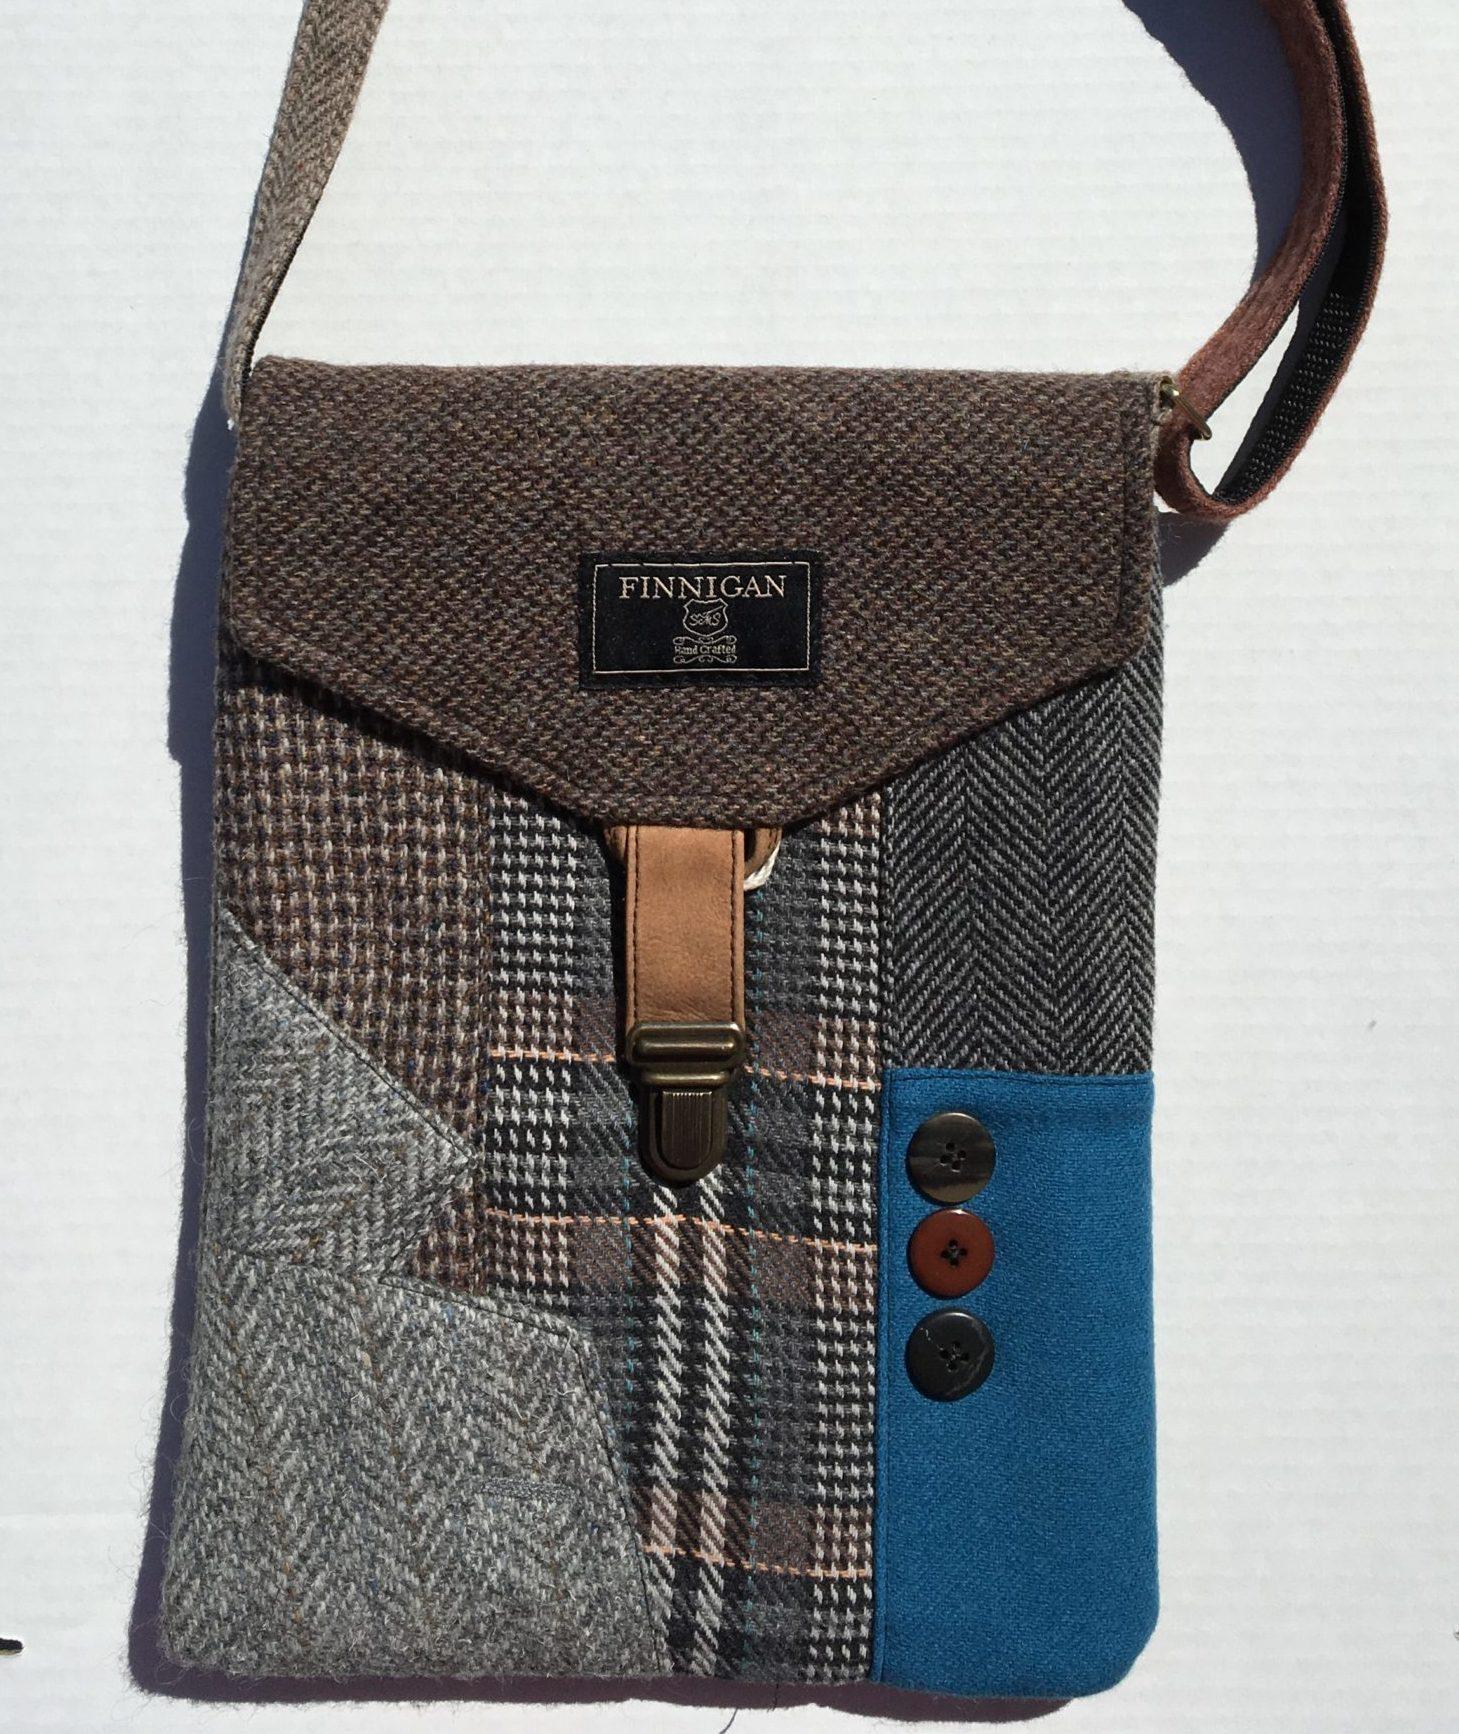 2020 Suit Bags Pics 011